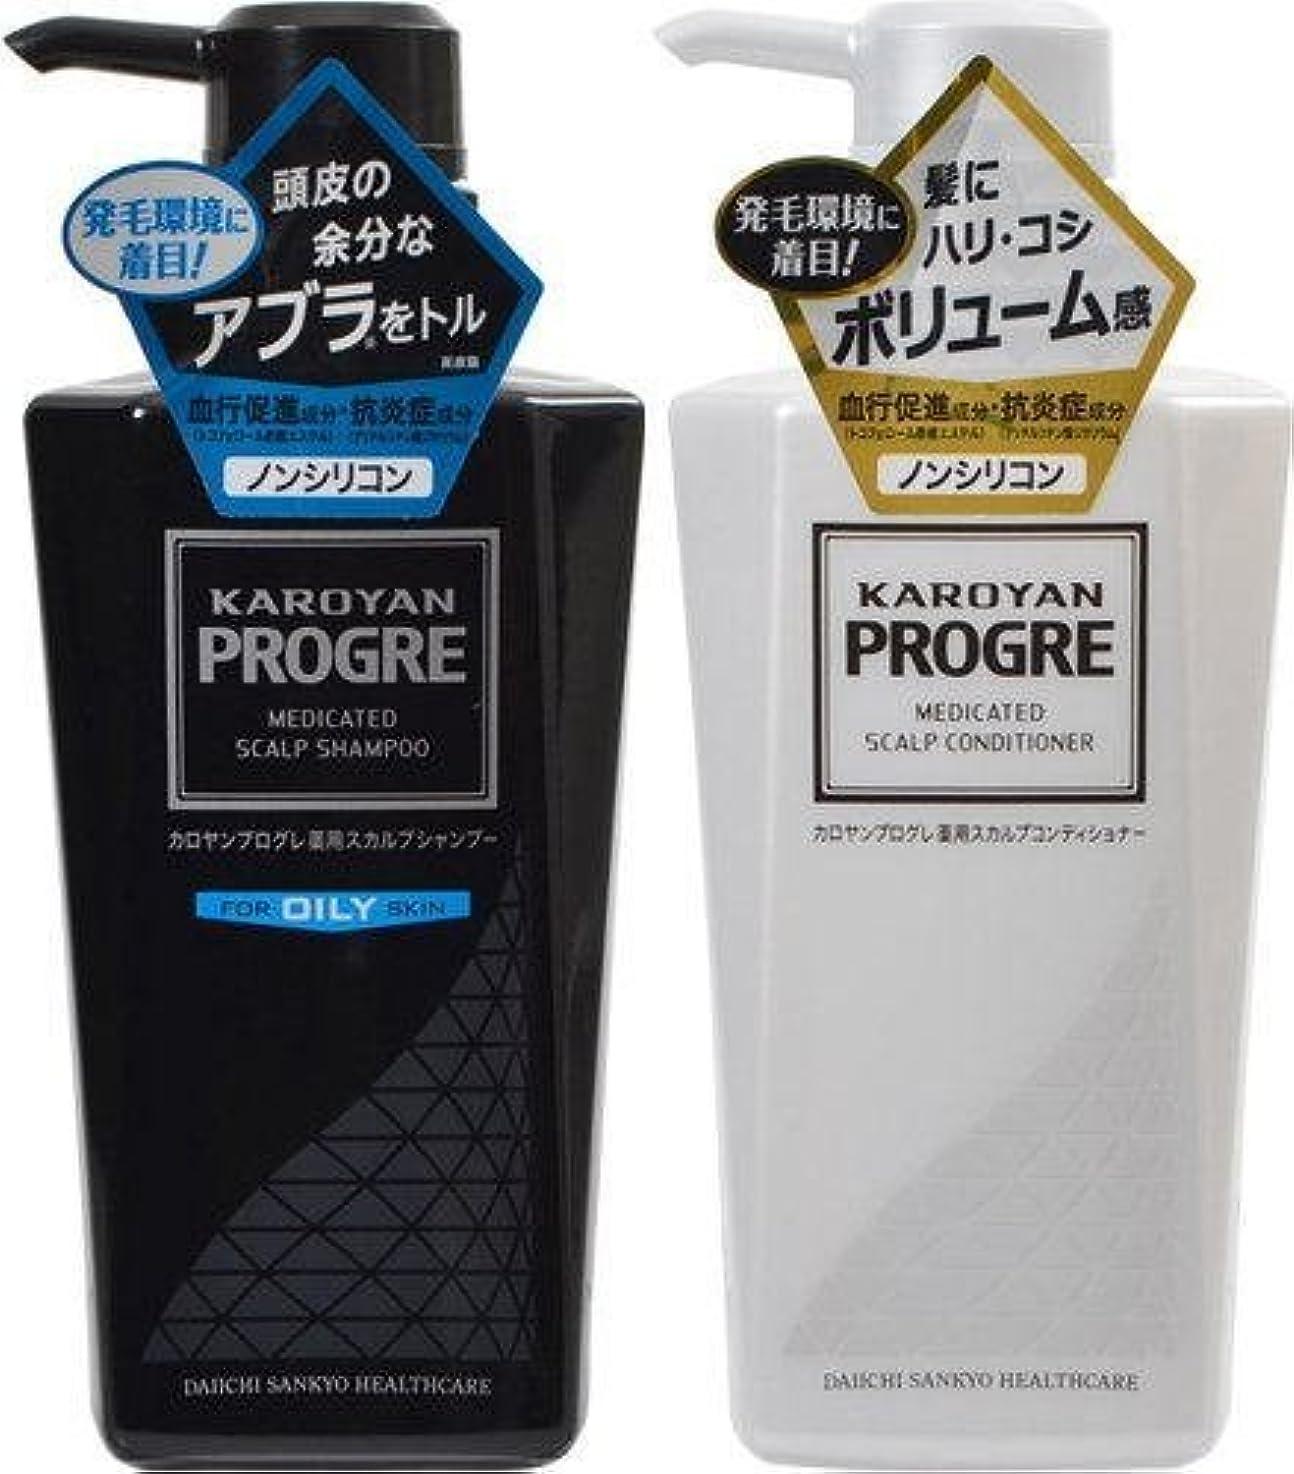 凍るダウン故意にカロヤン プログレ 薬用スカルプシャンプー OILY + コンディショナー 各300ml